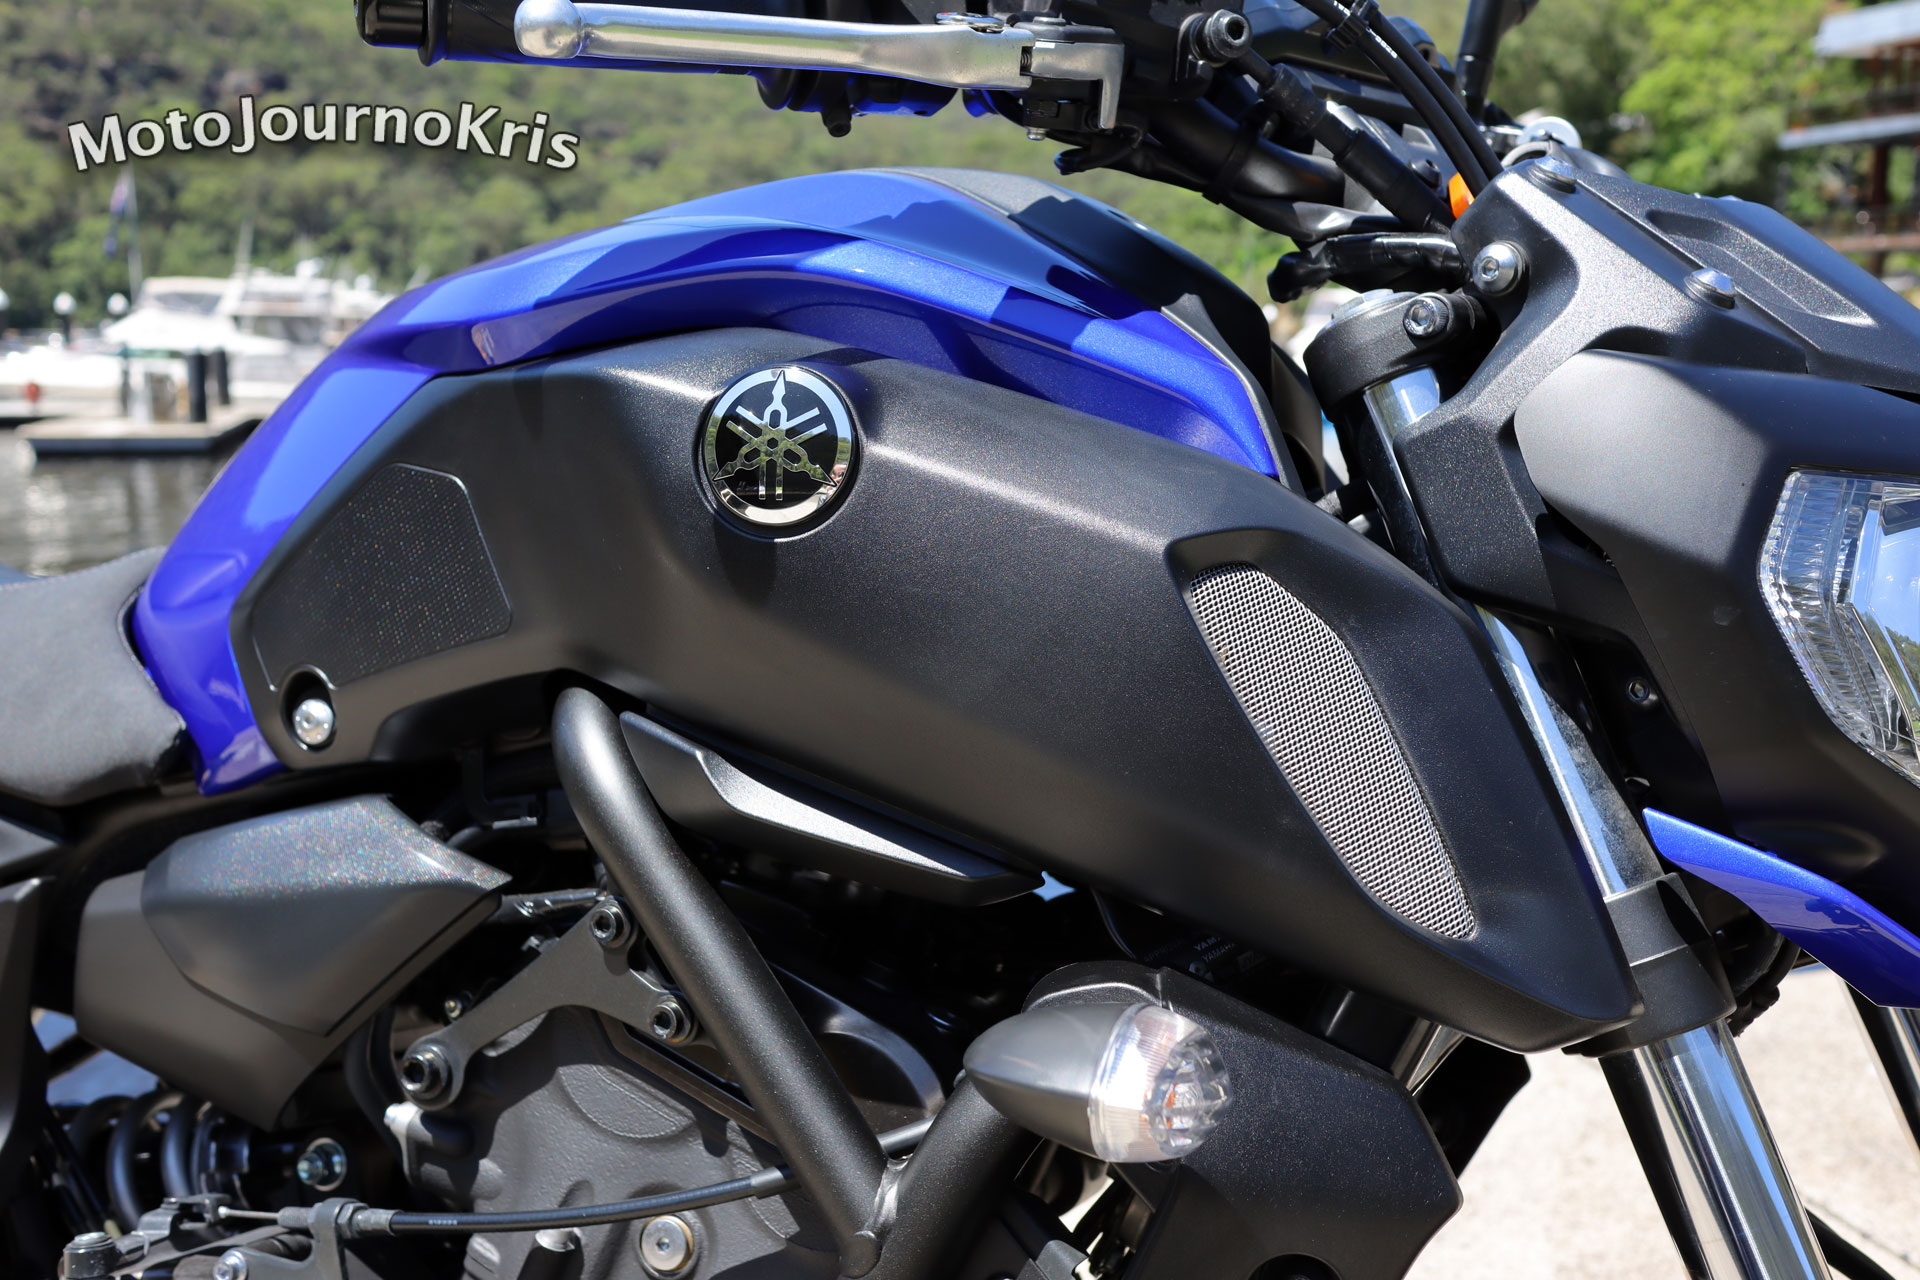 Yamaha MT-07 air intake